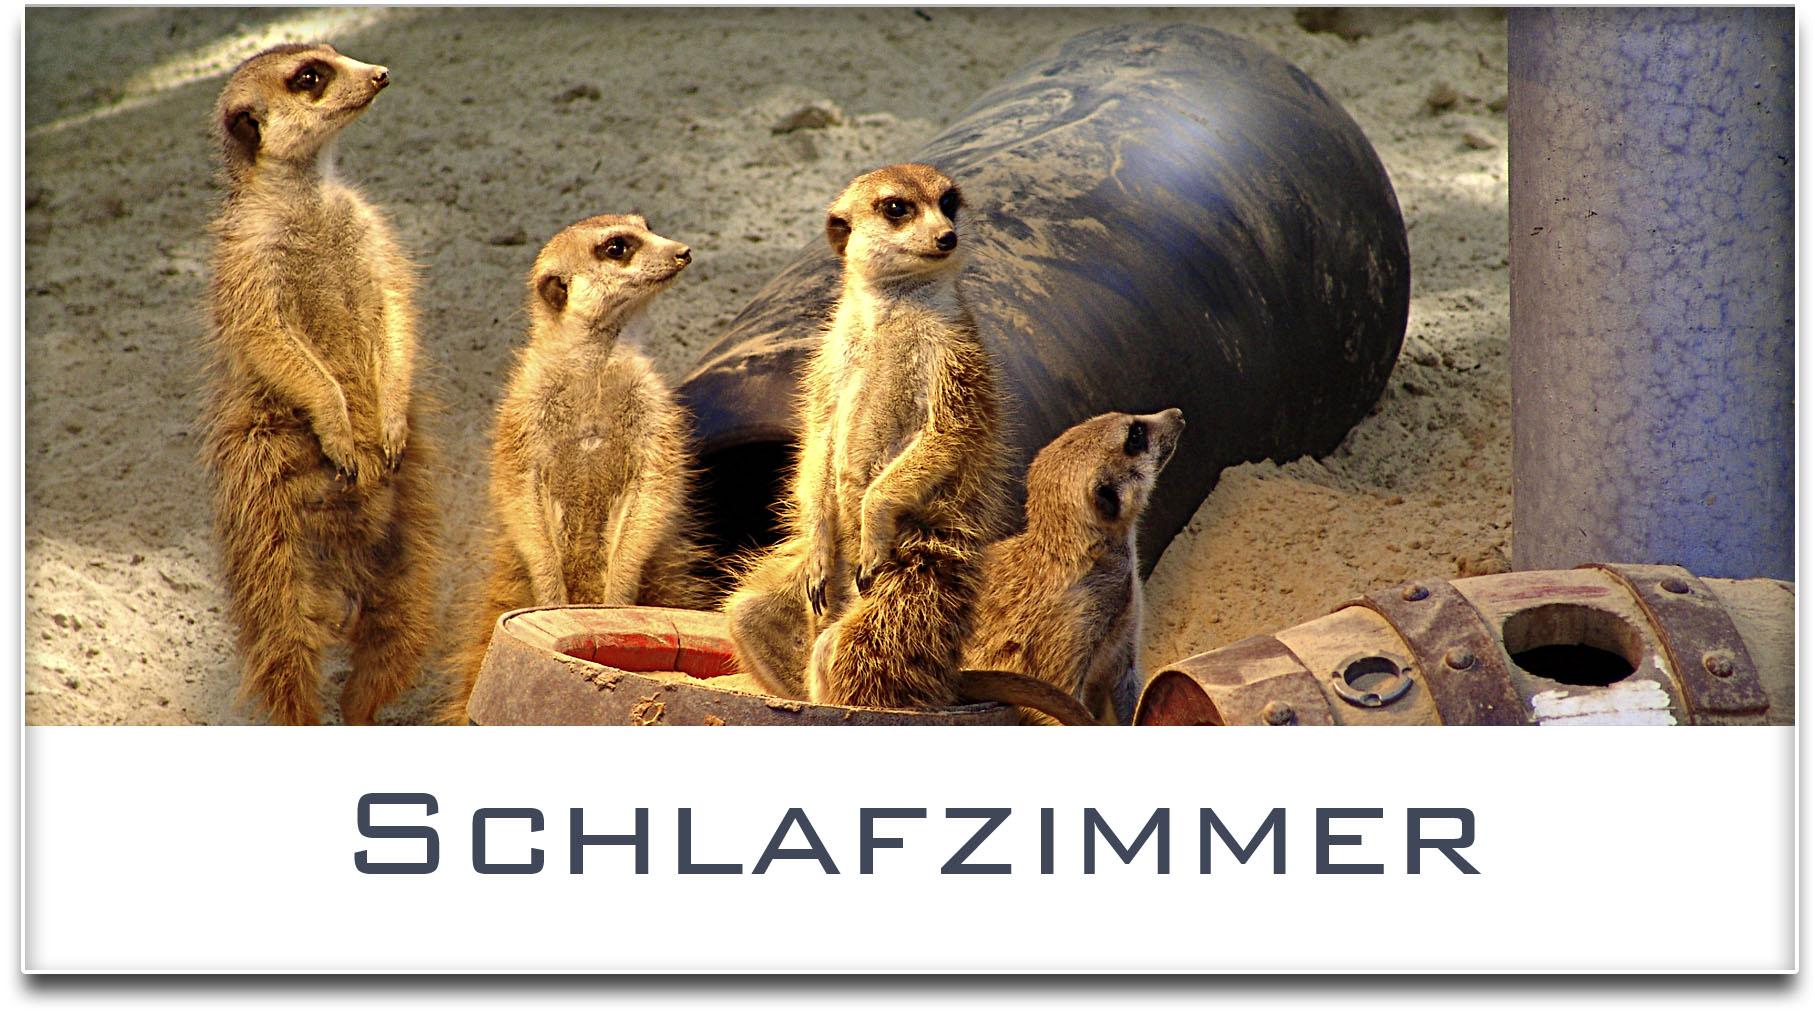 Türschild / Haustürschild / Erdmännchen / Schlafzimmer / Selbstklebend